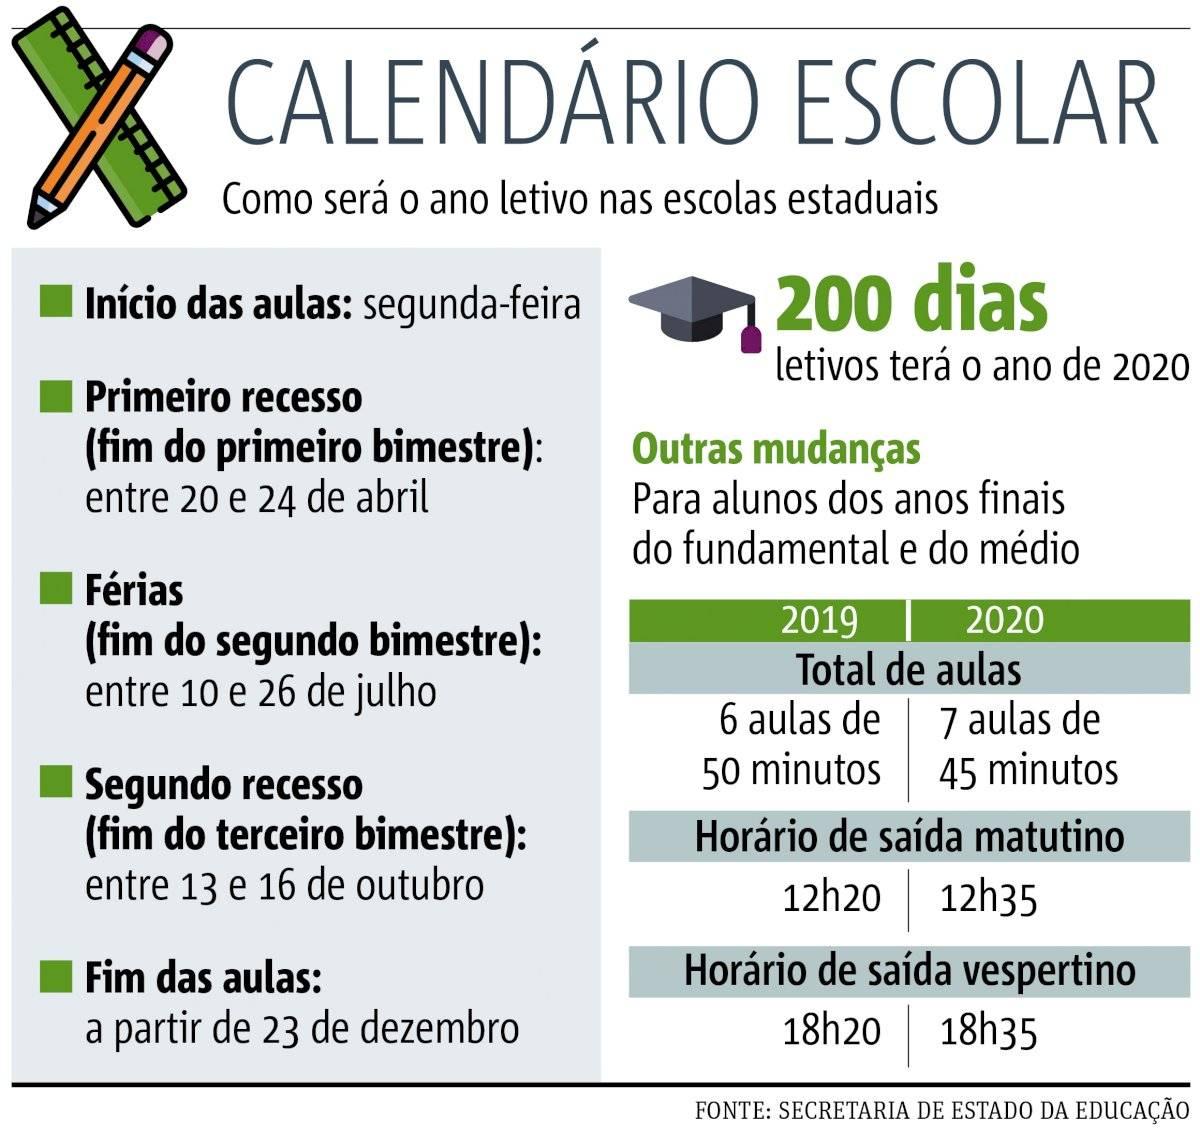 Calendário Escolar - São Paulo - escolas estaduais - 2020